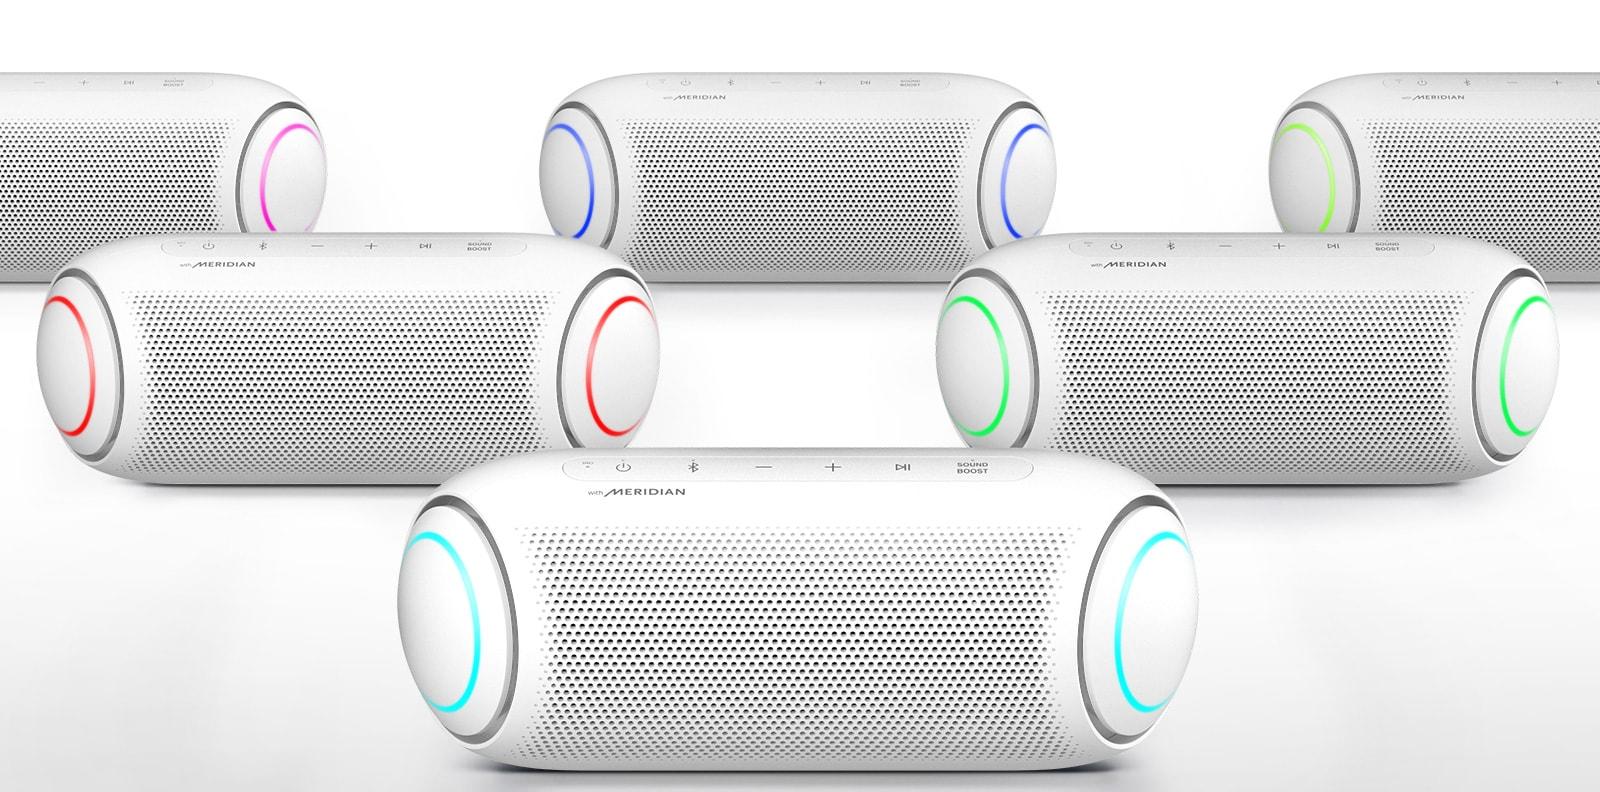 Năm loa XBOOM Go đang bật đèn với các màu khác nhau trên nền trắng.